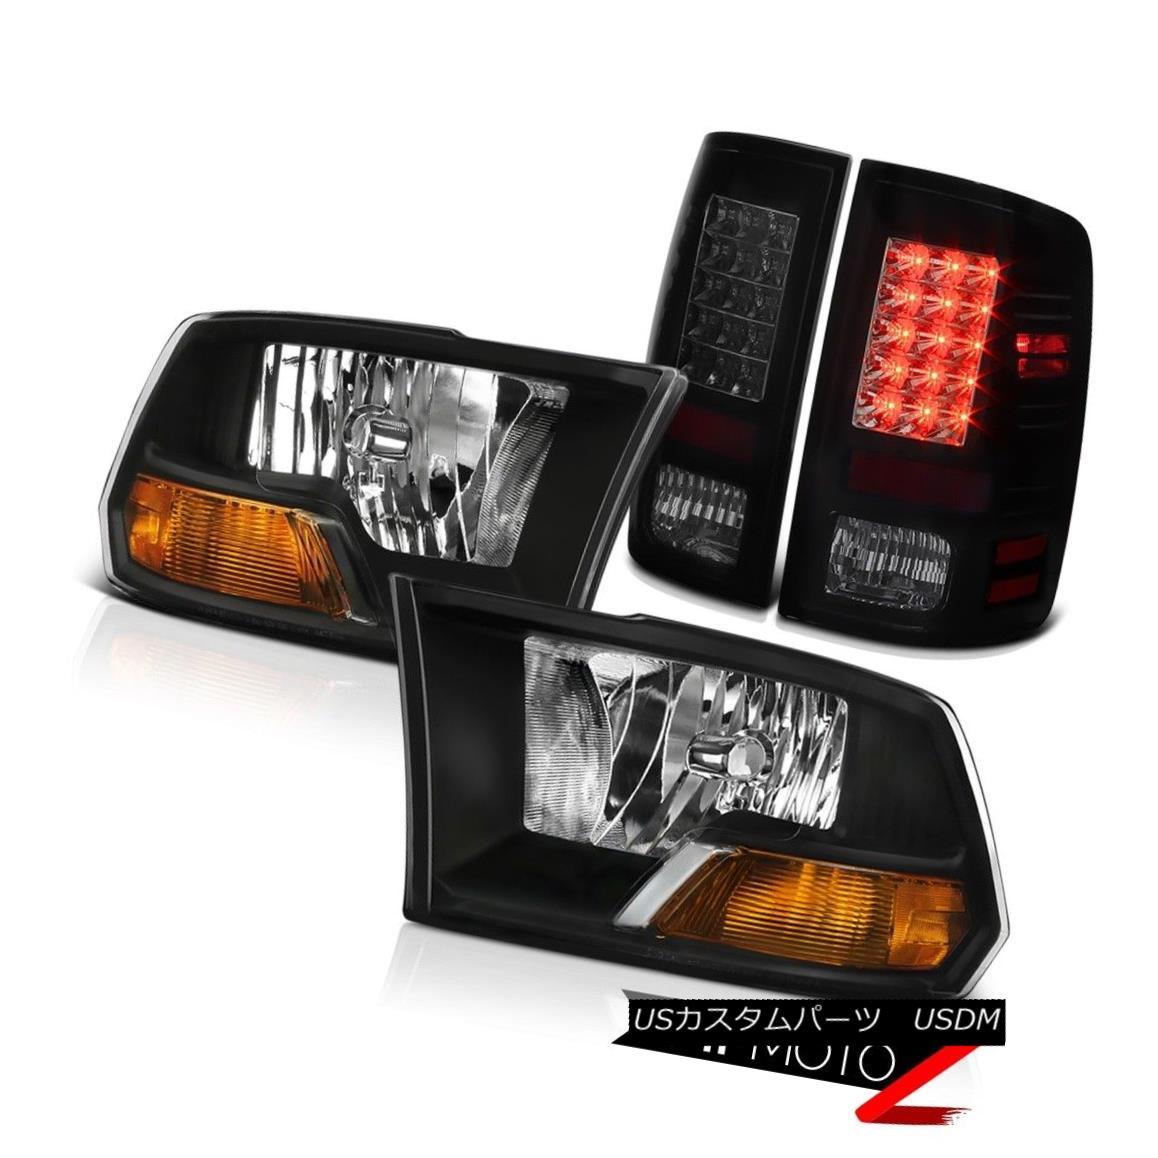 ヘッドライト SINISTER BLACK LED Tail Lights+Headlights LH+RH 2009-2018 2013 2012 2011 2010 SINISTER BLACK LEDテールライト+ヘッドランプ hts LH + RH 2009-2018 2013 2012 2011 2010